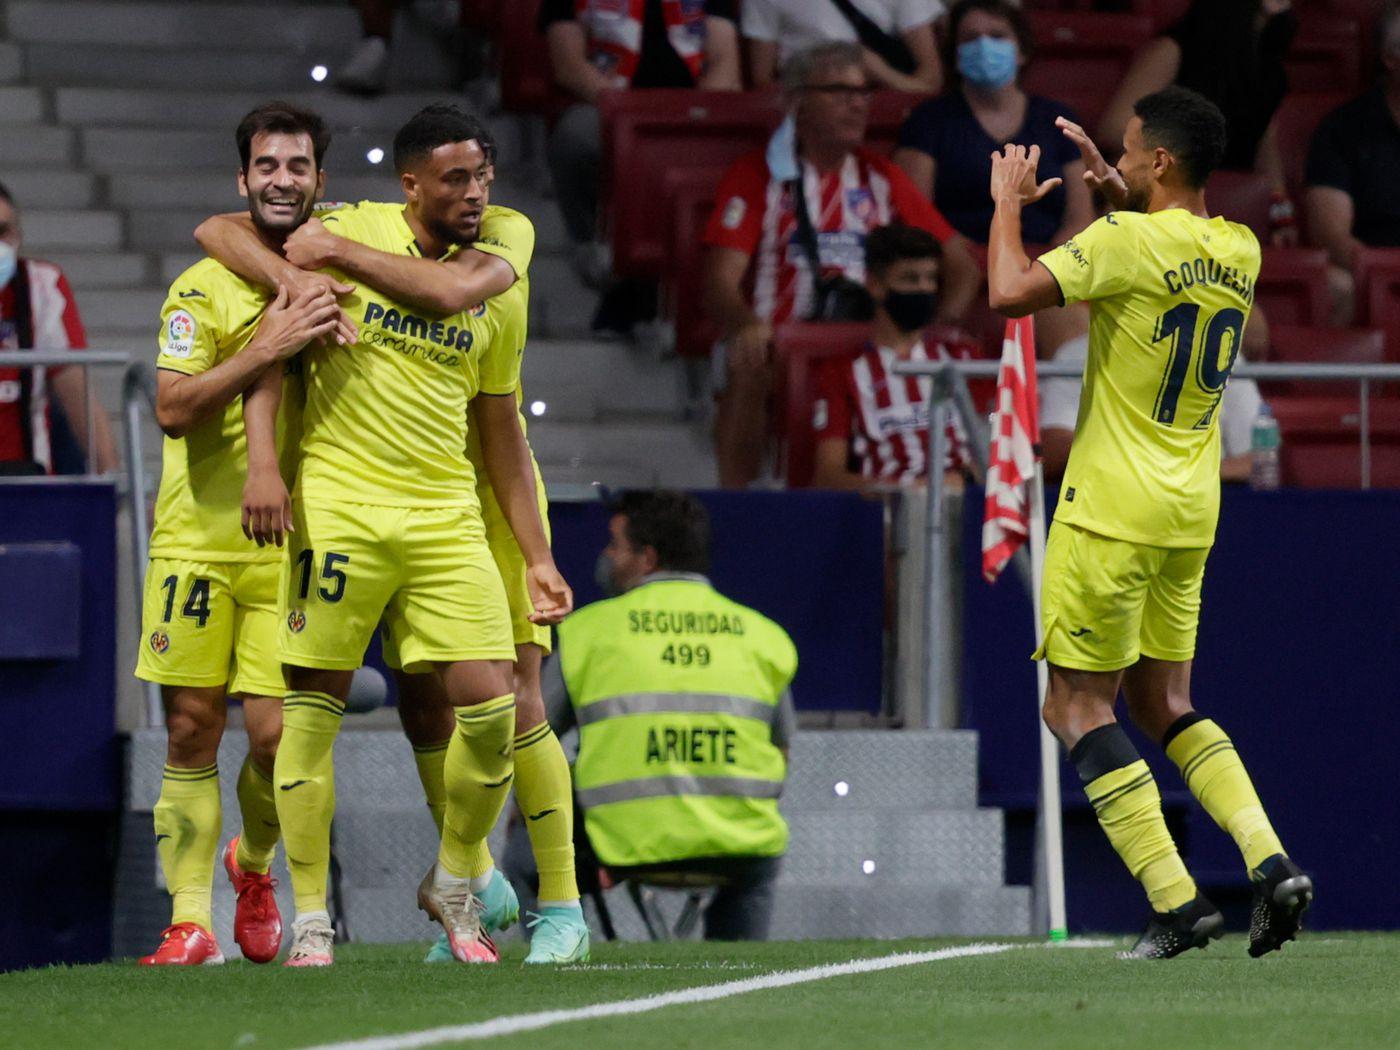 Villarreal nhẫn nhịn trong hiệp một, trước khi chơi bùng nổ ở hiệp hai với nhiều pha phản công sắc sảo. Ảnh: Marca